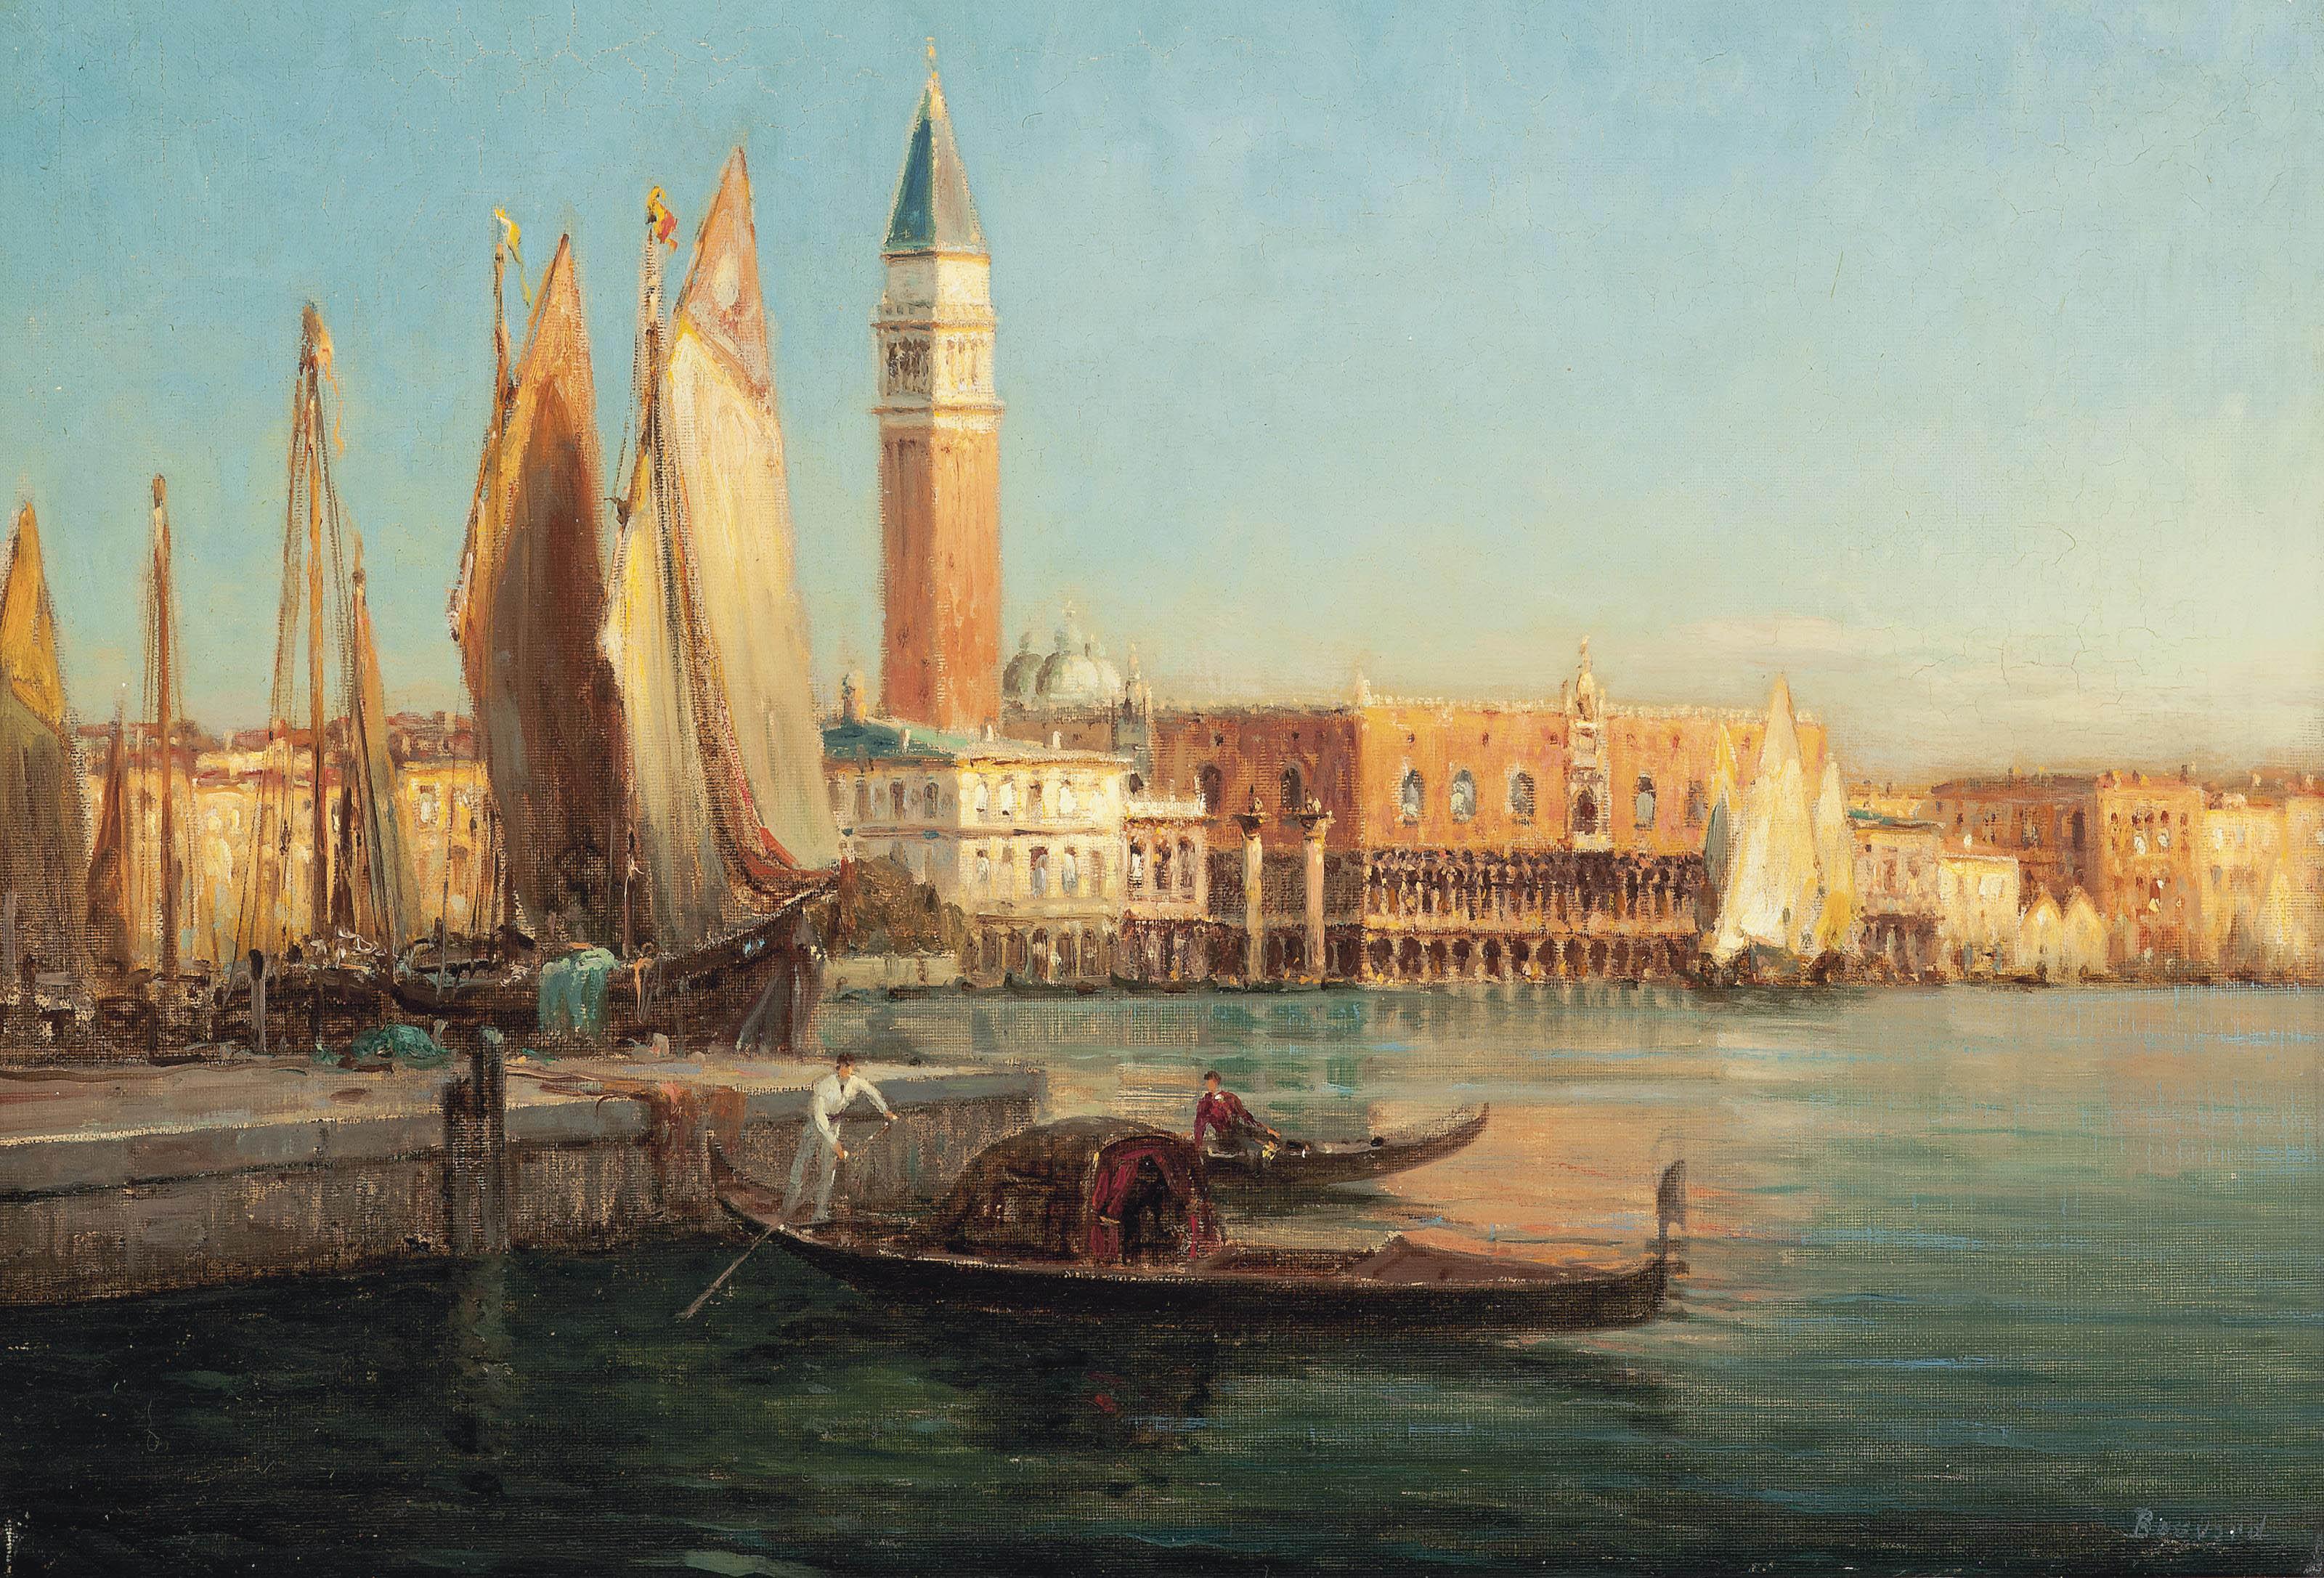 Gondolas at the Dogana, Venice